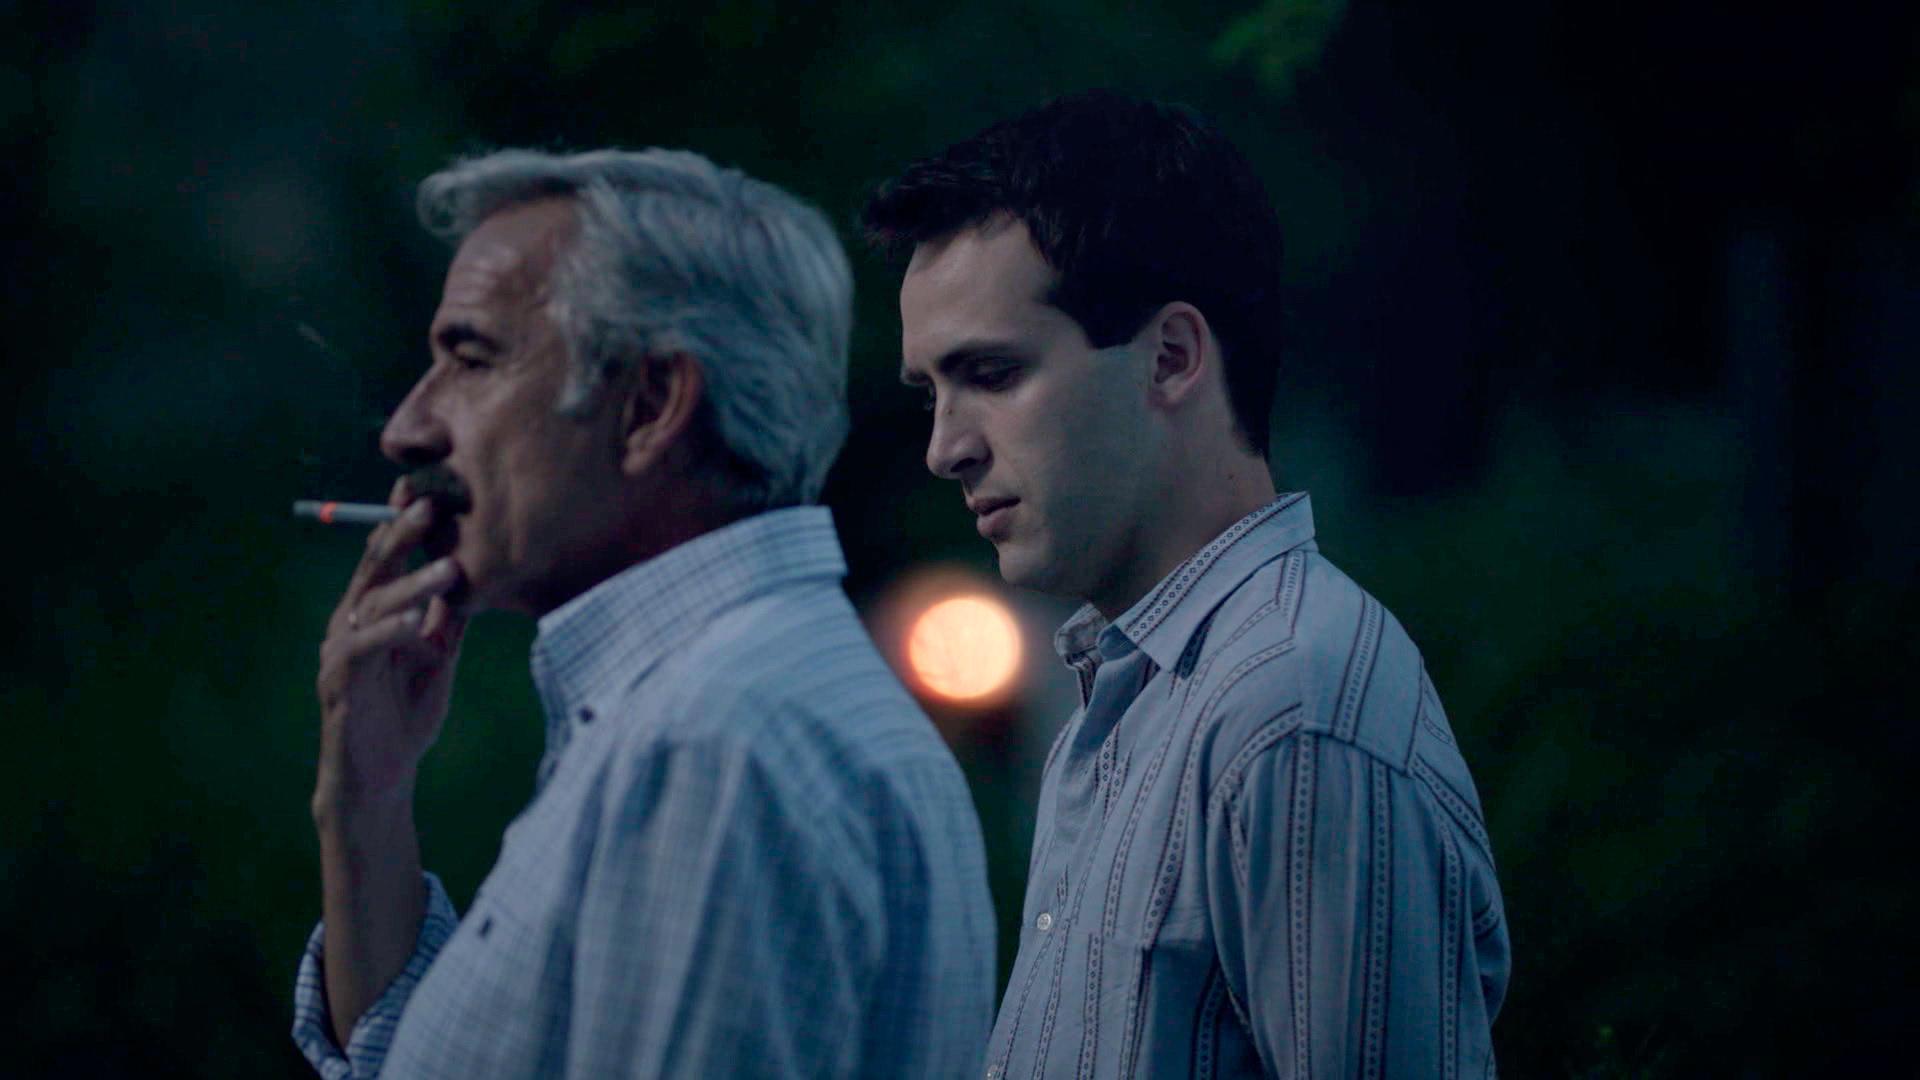 Antonio cuenta a Carlos la historia de su familia